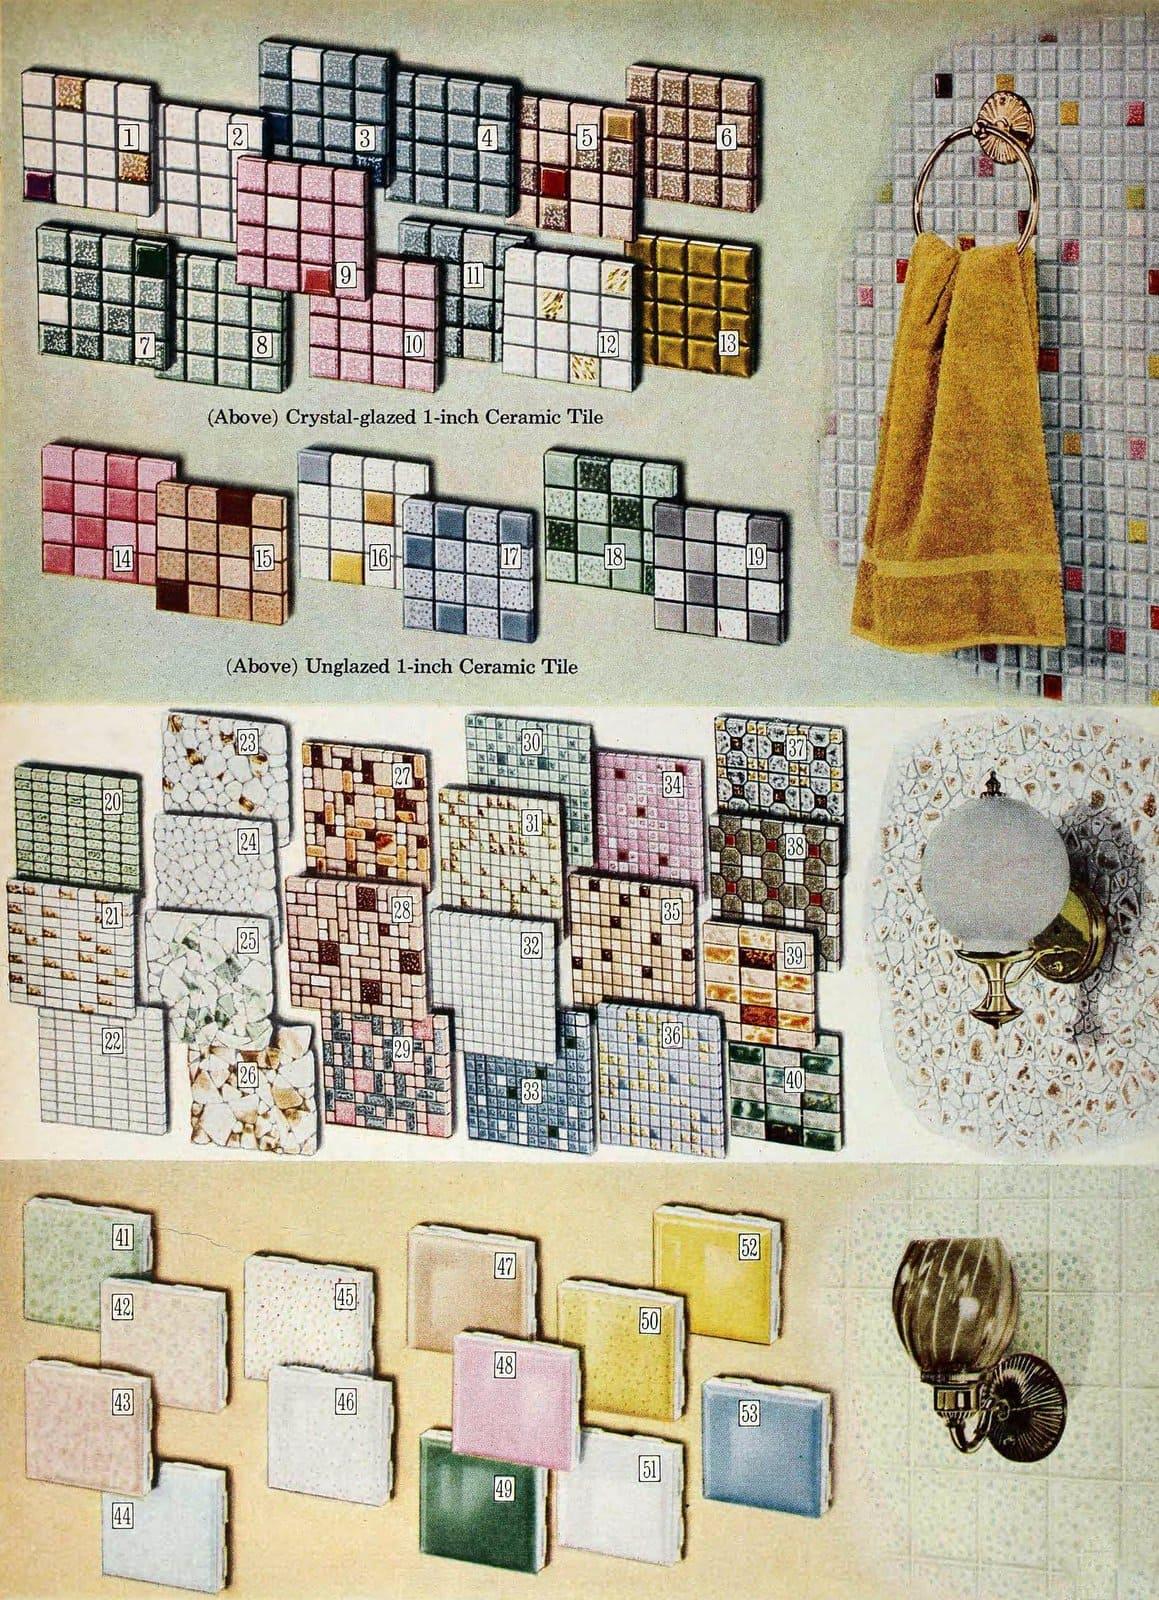 Vintage 1960s ceramic tile patterns (1966)